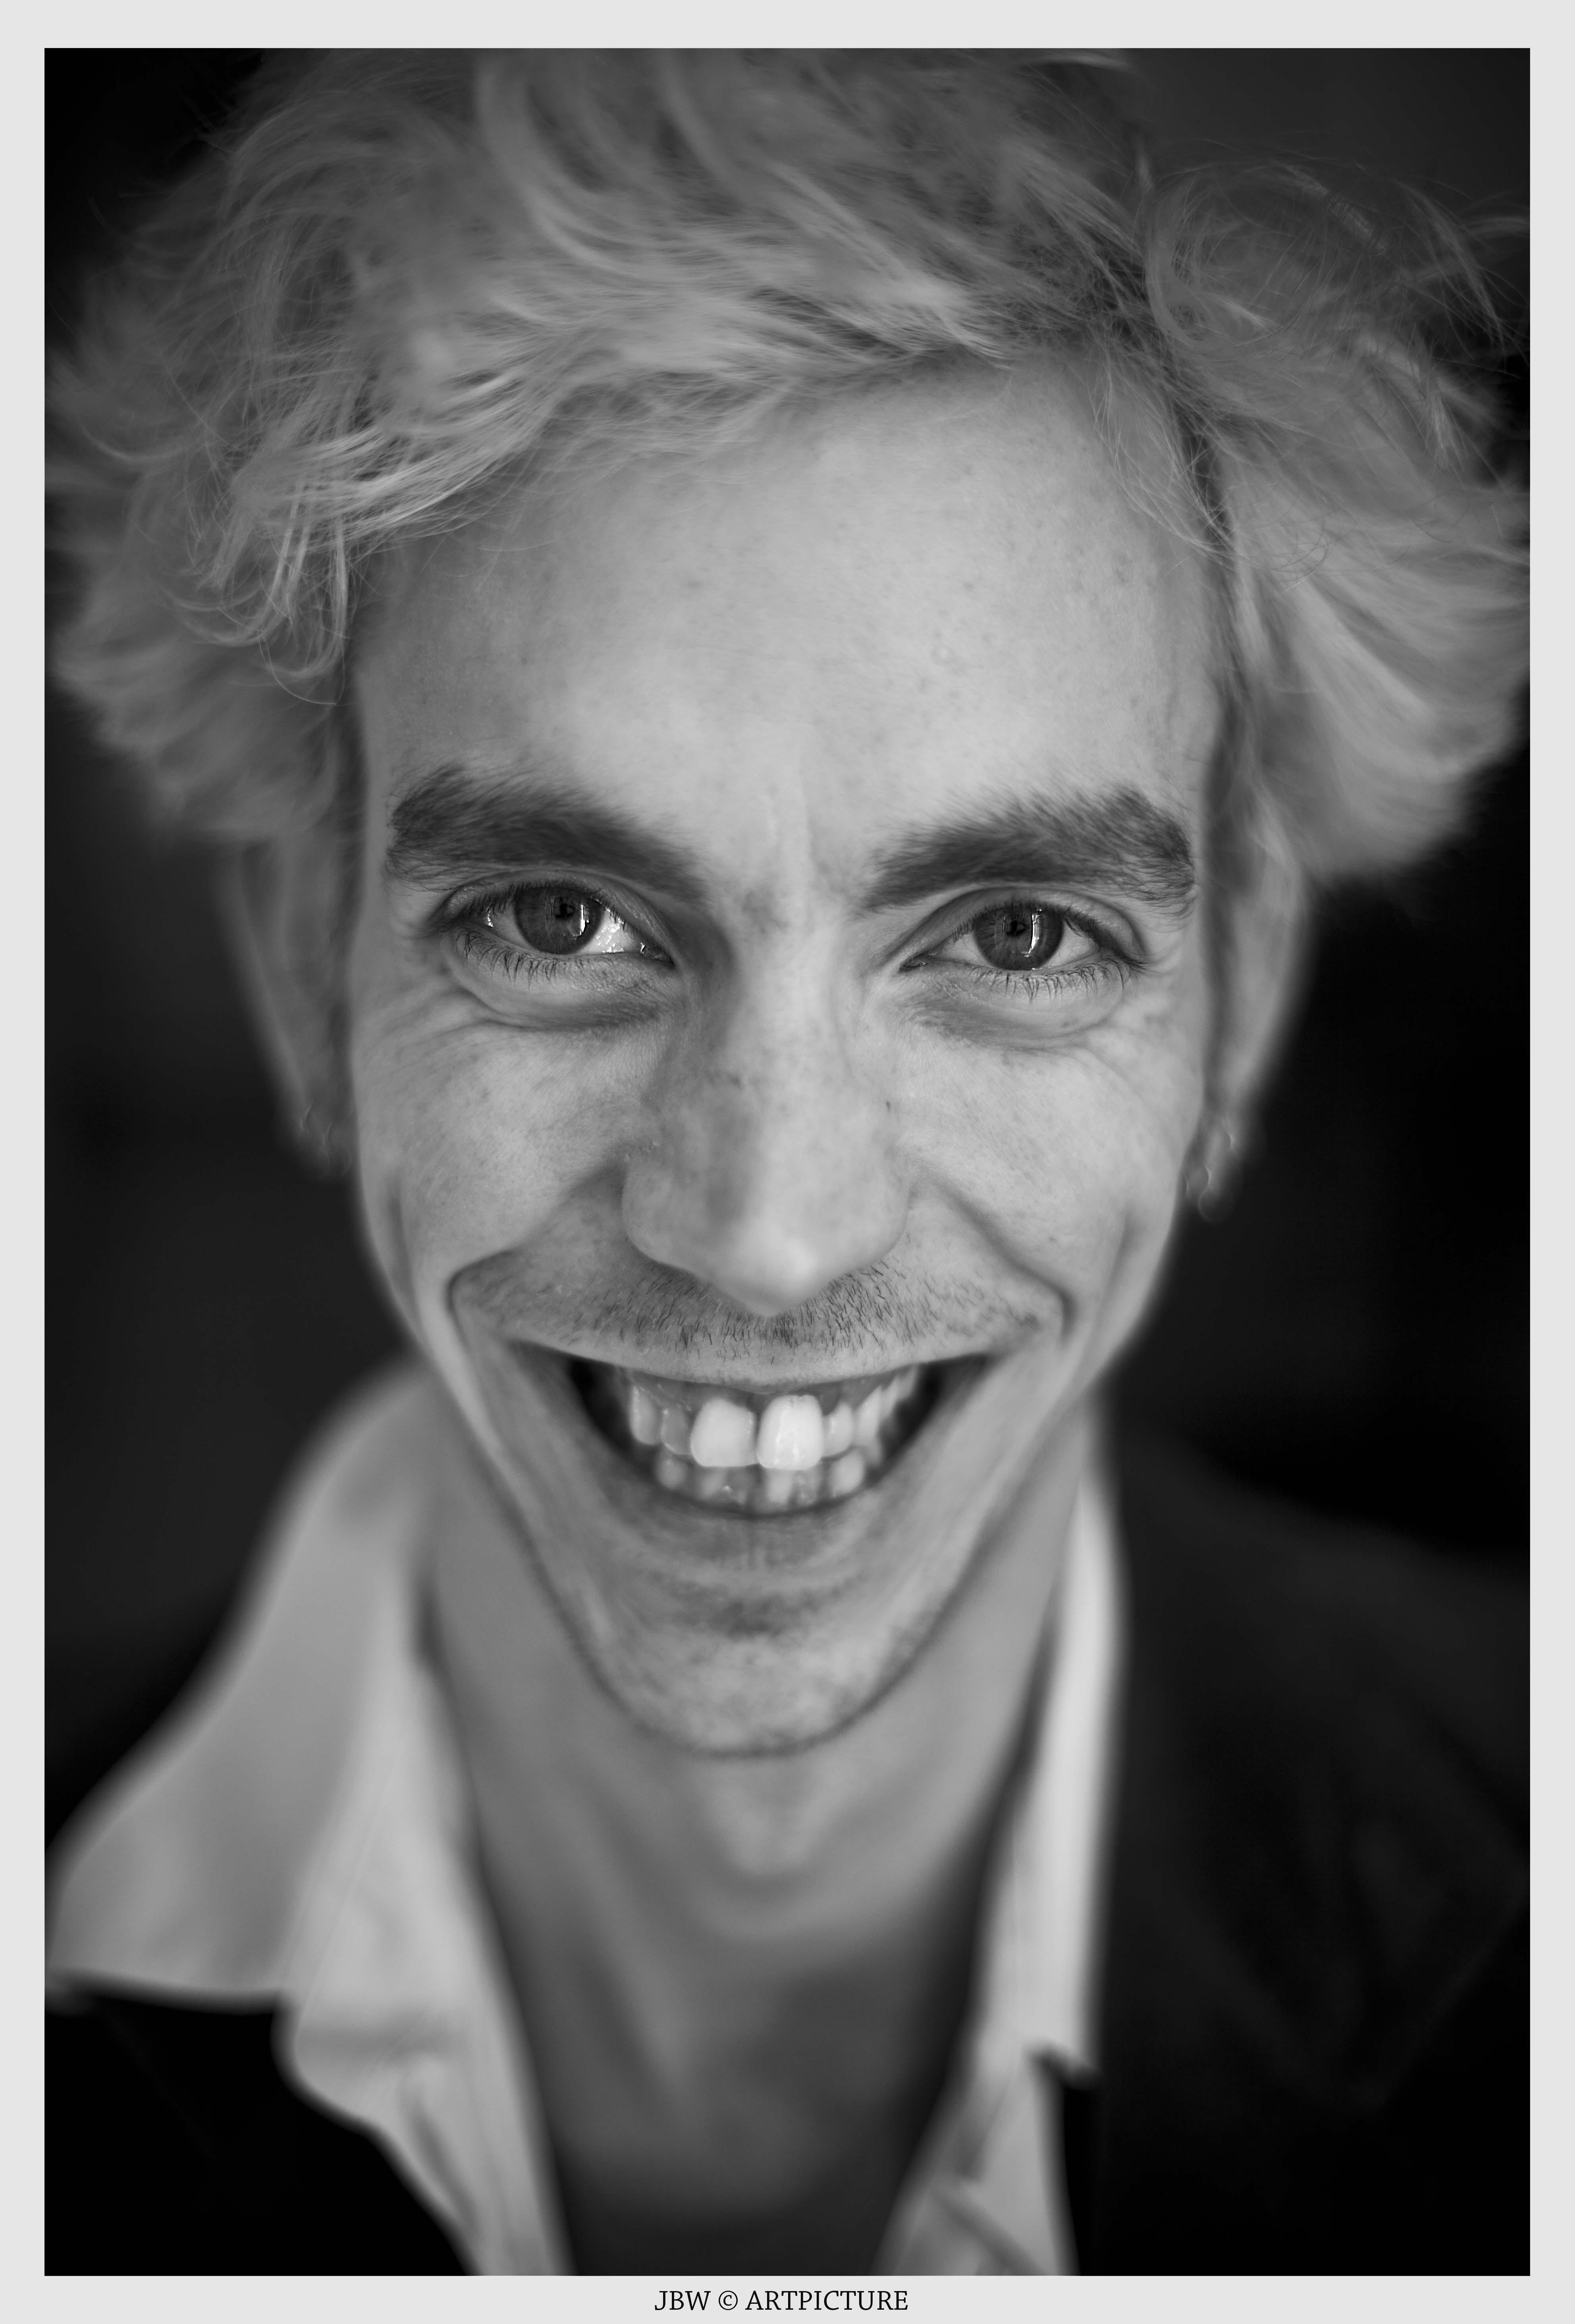 Matthias Foin Dannreuther